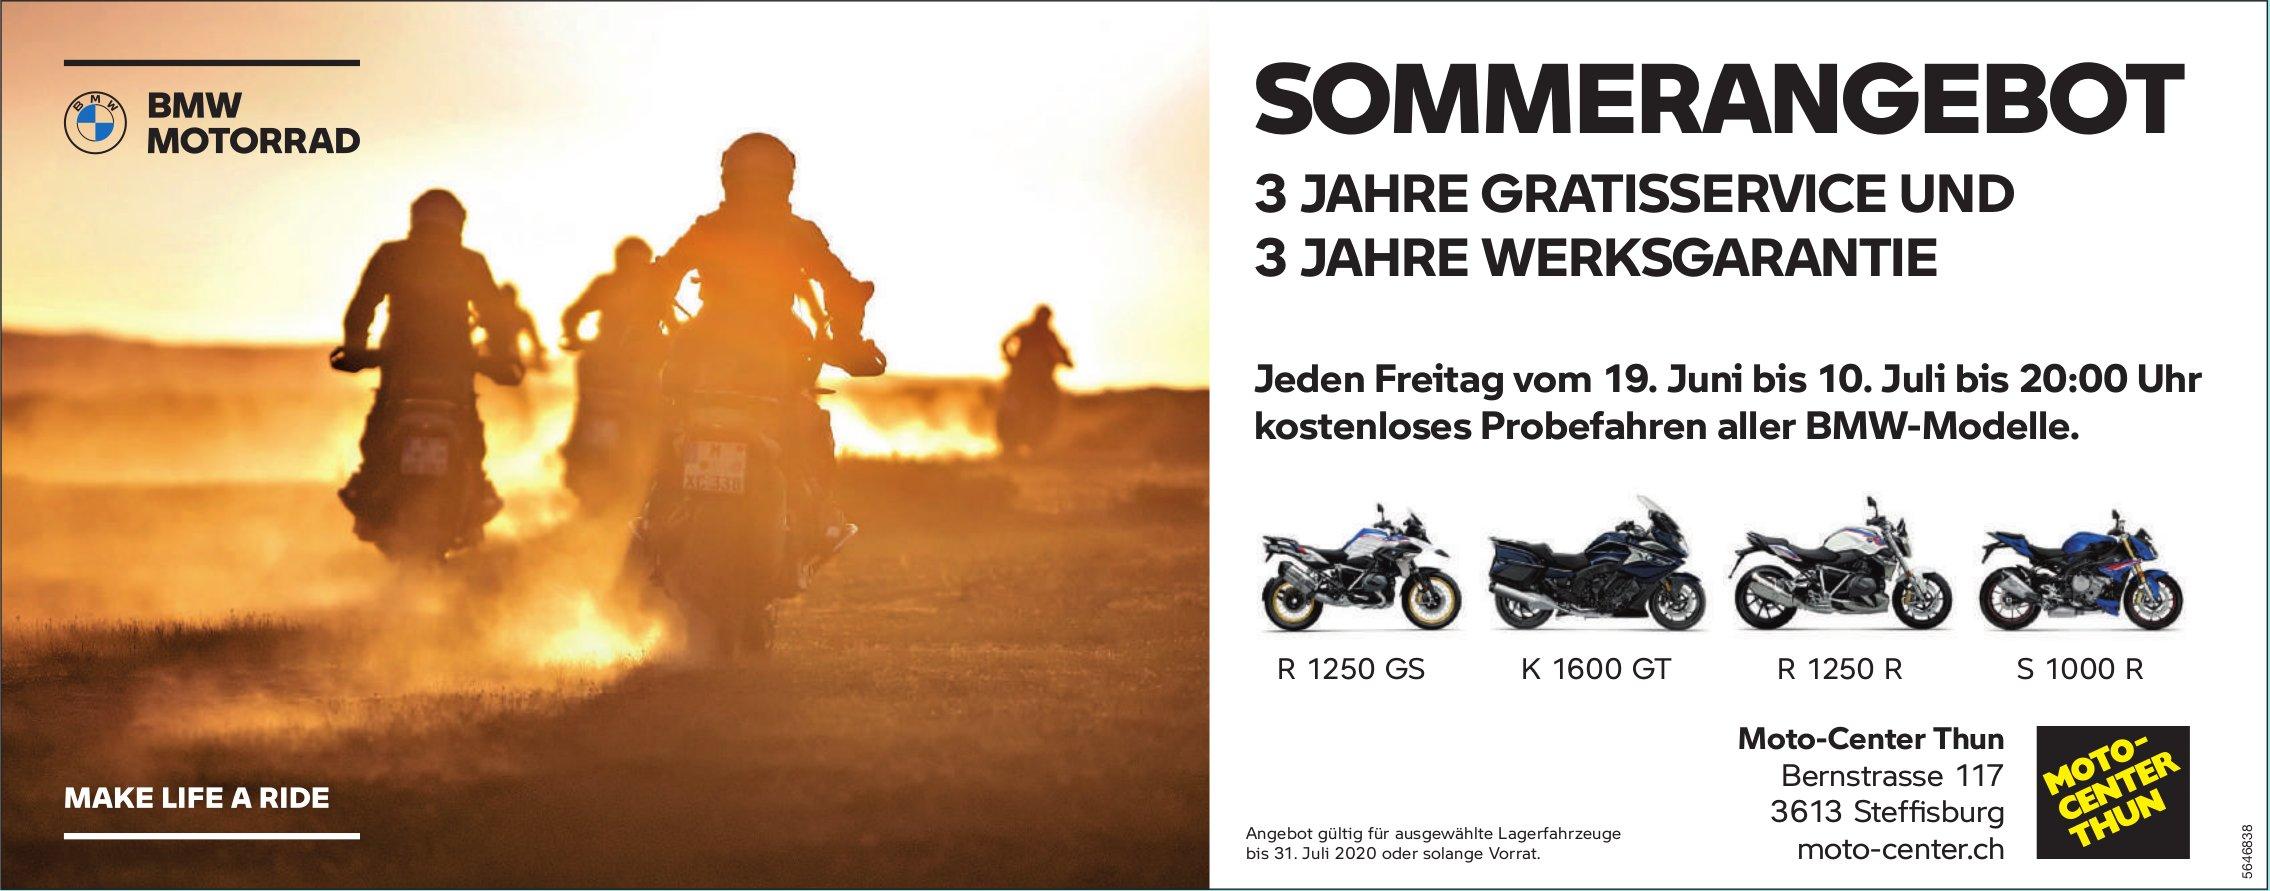 Sommerangebot, 19. Juni, Moto-Center Thun, Steffisburg,